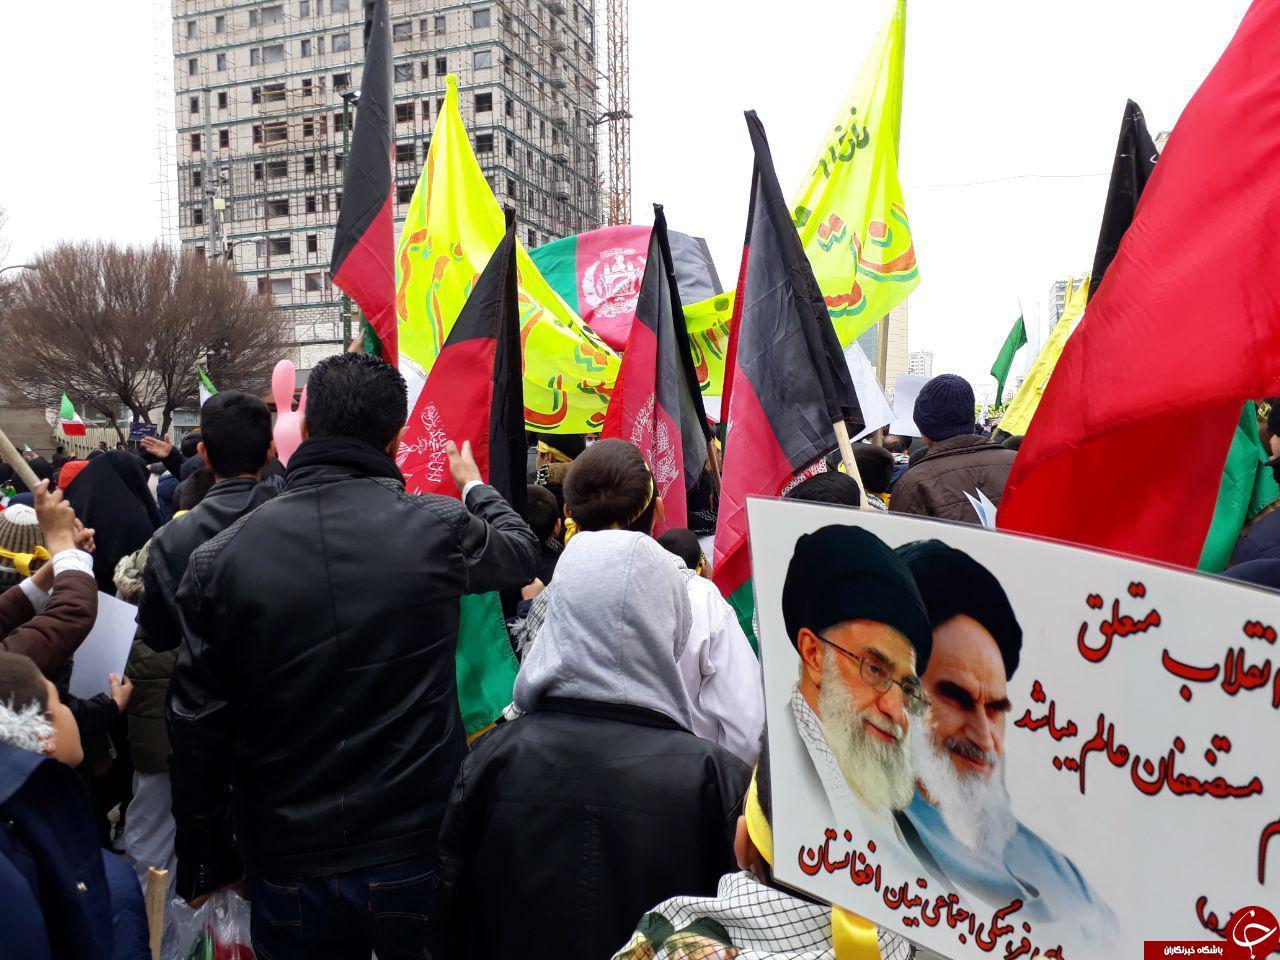 گزارش تصویری: مشارکت گسترده مهاجرین افغانستانی در جشن چهل سالگی انقلاب اسلامی